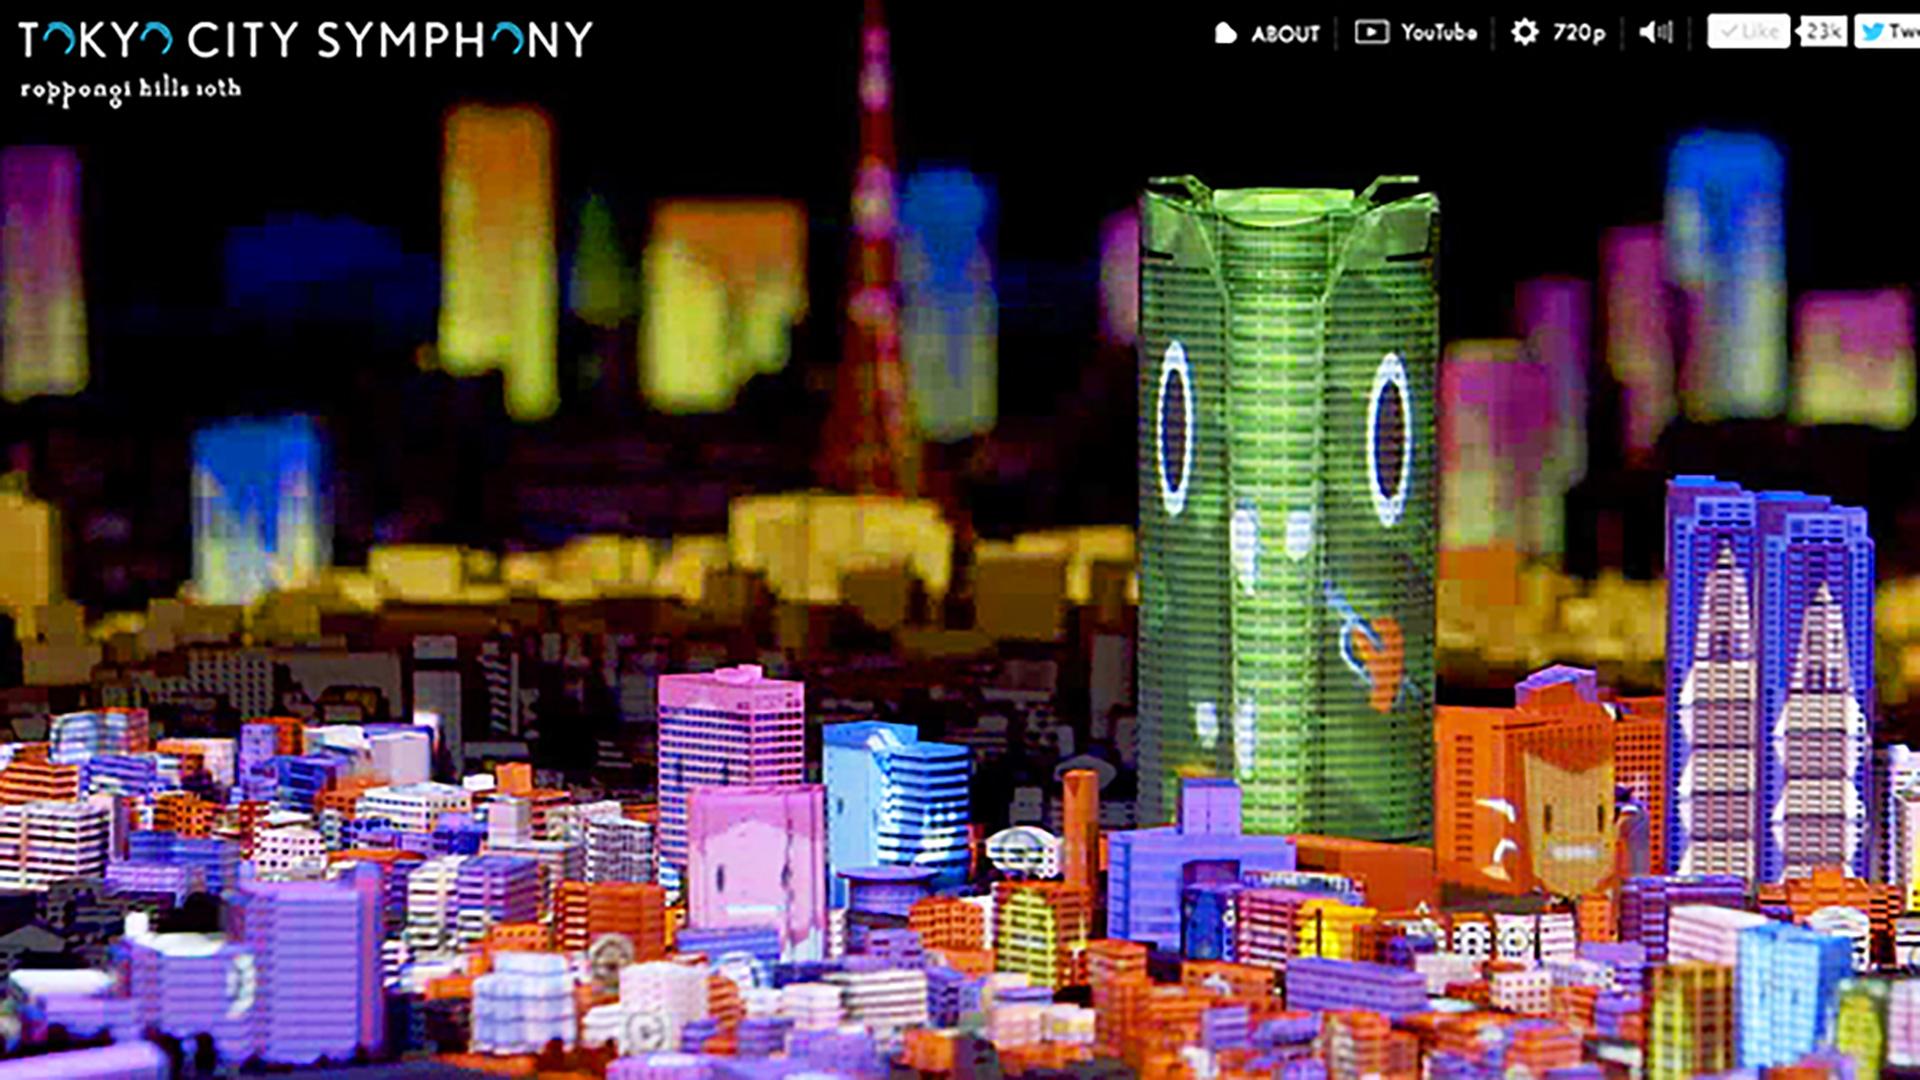 """六本木ヒルズ10周年 ~LOVE TOKYO~ """"Tokyo City Symphony"""""""